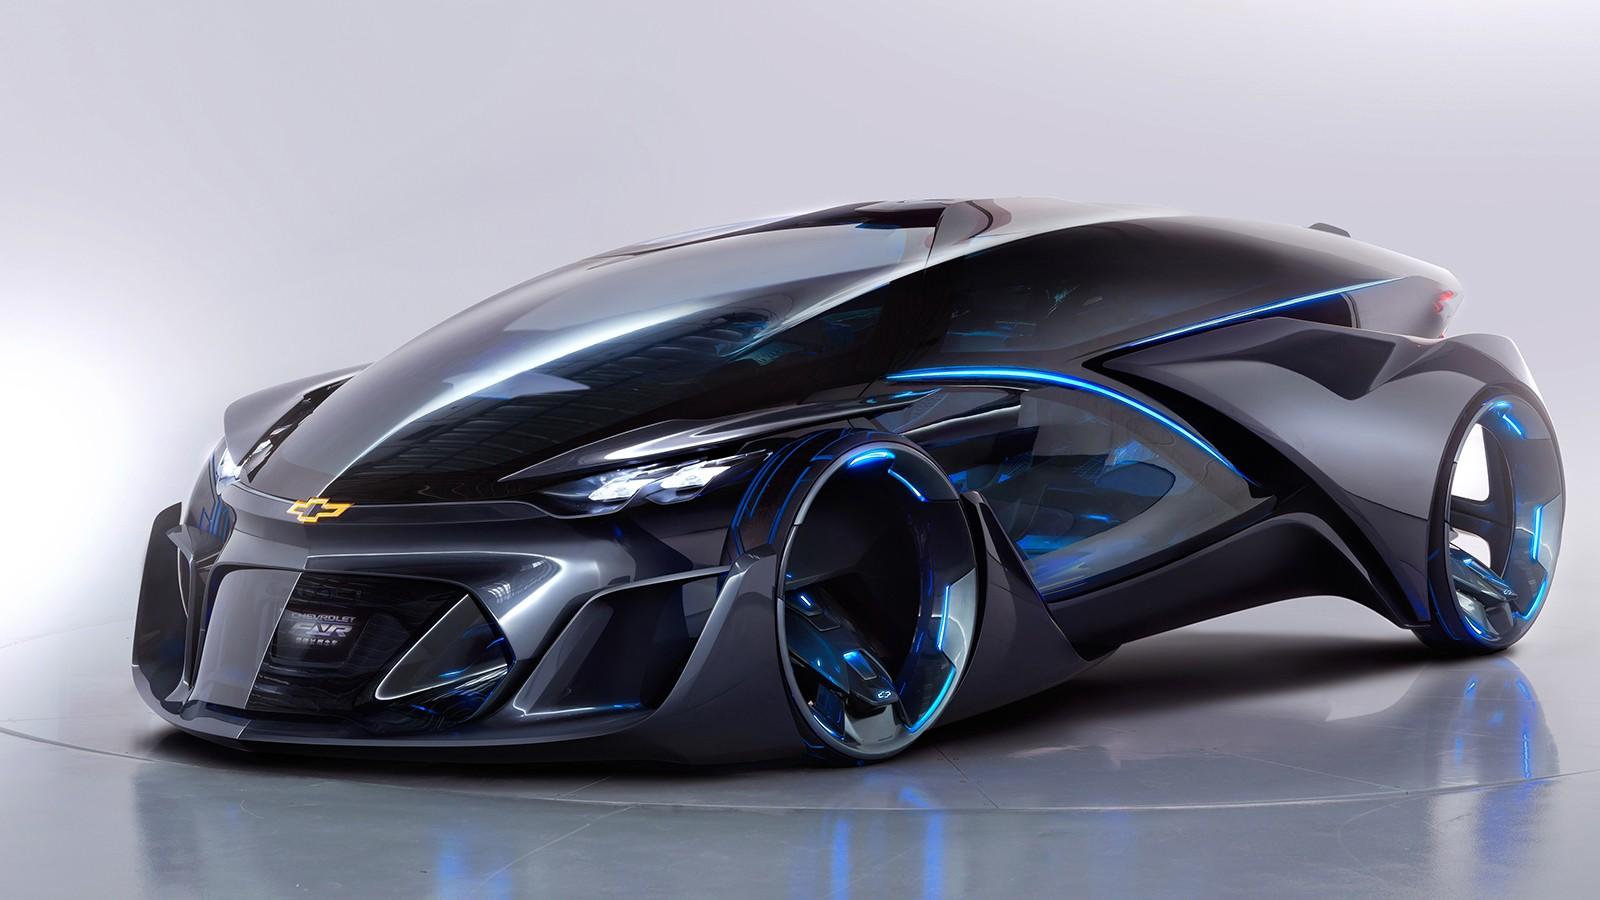 На фото: Chevrolet FNR Concept '2015. FNR расшифровывается как Find New Road (поиск новых дорог и направлений)